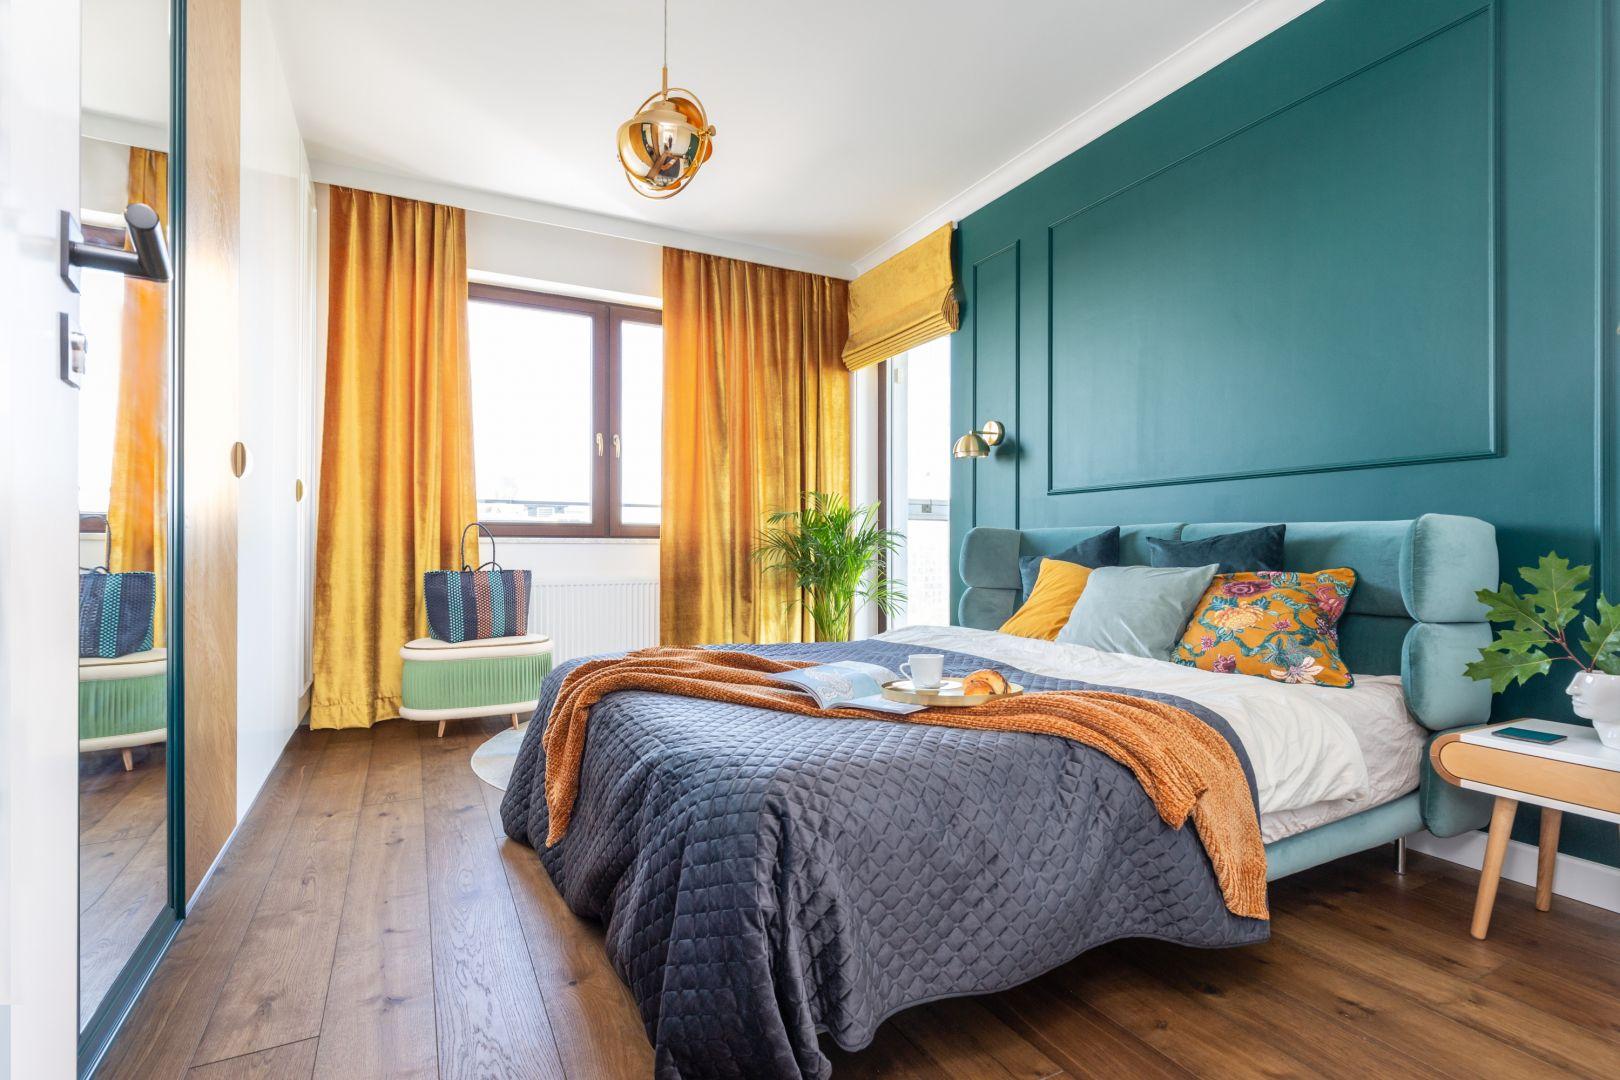 Ścianę za łóżkiem zdobi sztukateria pomalowana na kolor głębokiej zieleni. Projekt Joanna Rej. Fot. Pion Poziom